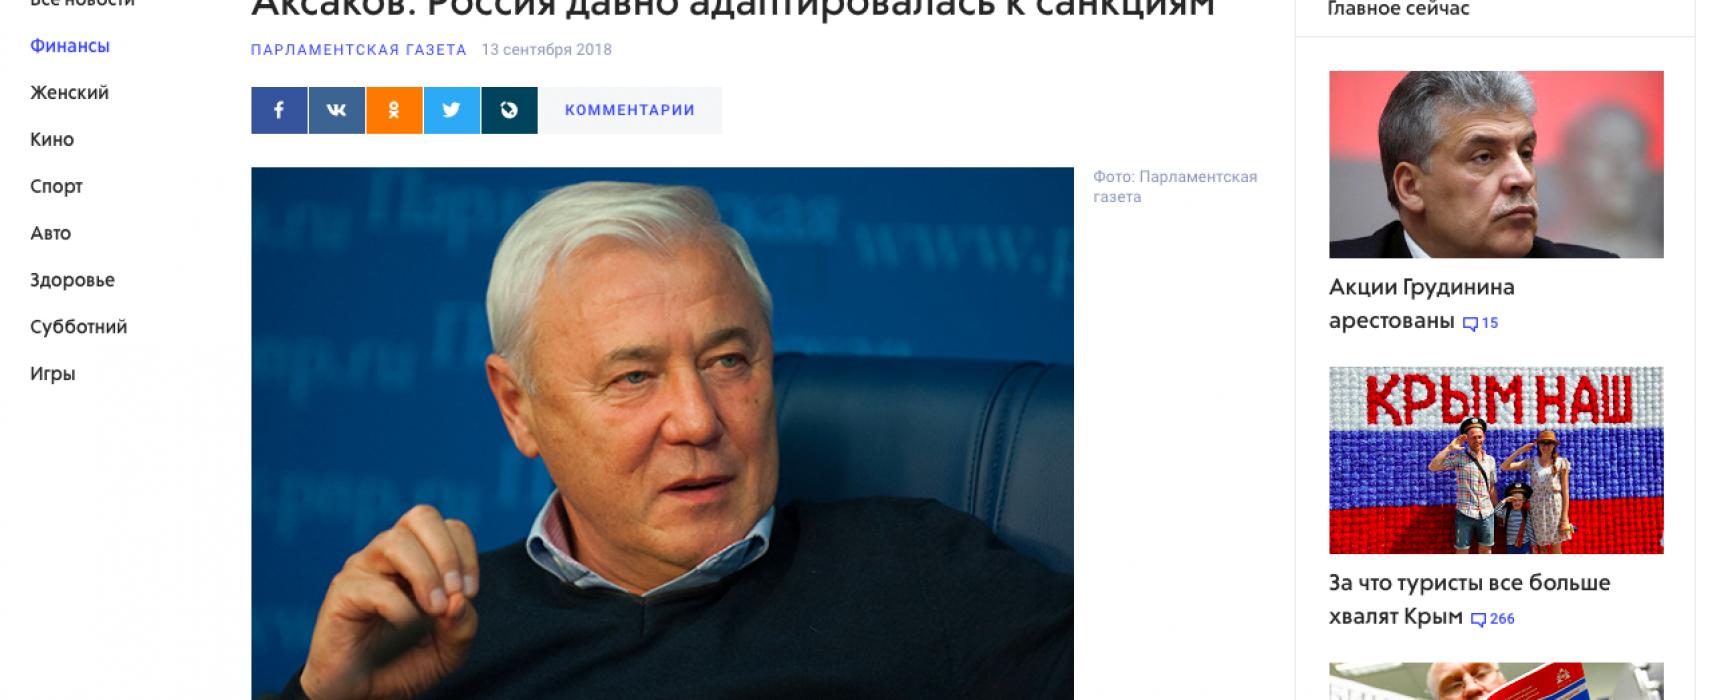 Усім затягти паски: російські фейки про «санкції на користь» країни